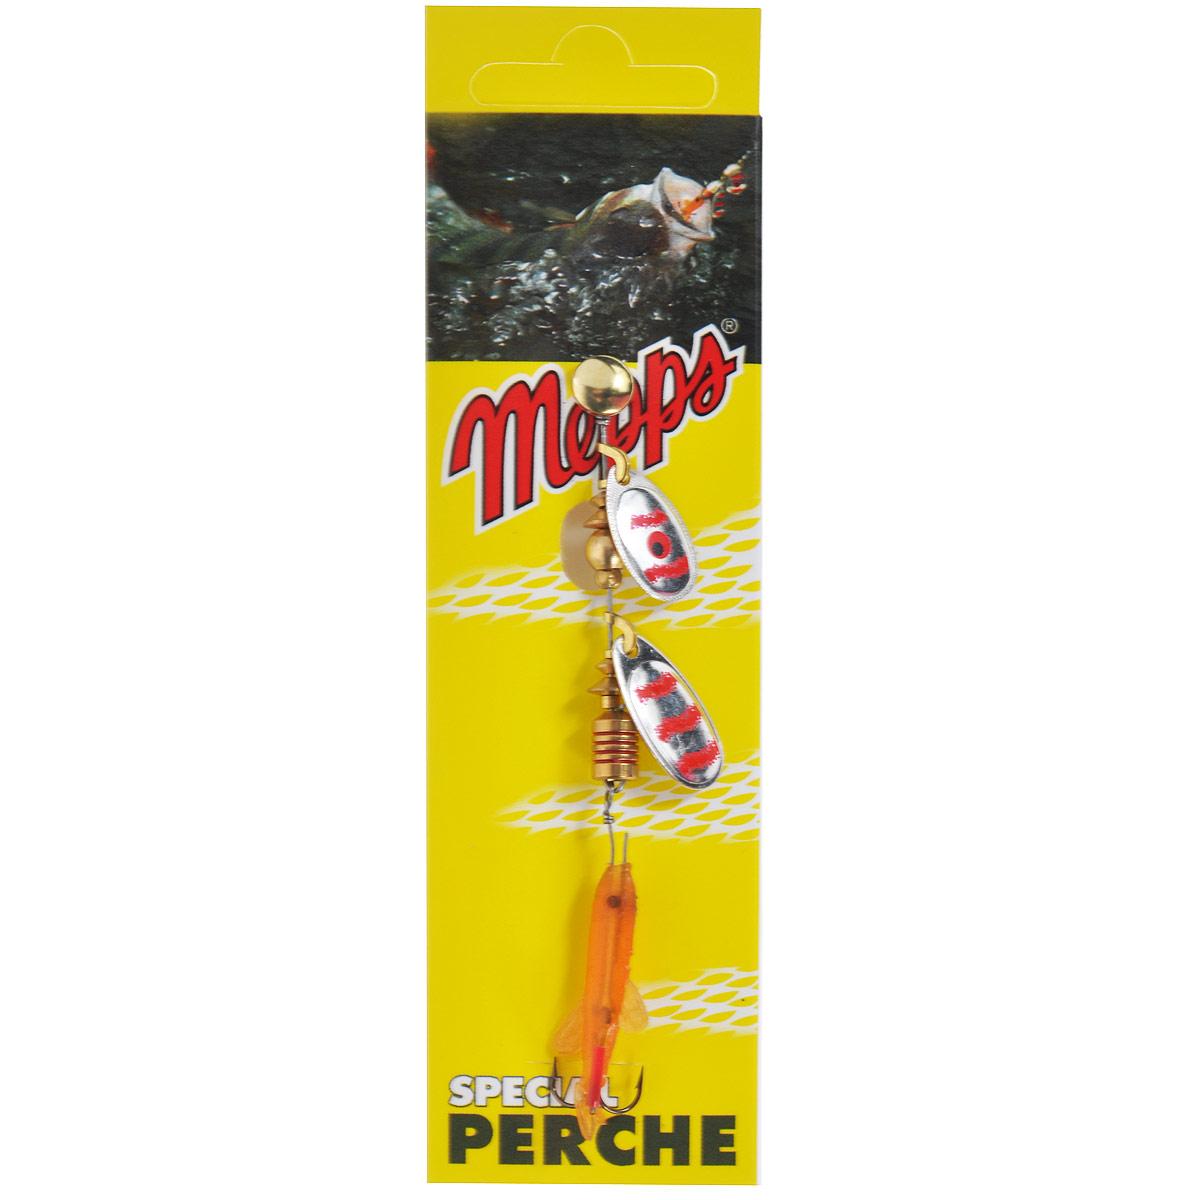 Блесна Mepps Tandem Perch AG/RGE, вращающаяся010-01199-23Вращающаяся блесна Mepps Tandem Perch AG/RGE в первую очередь рассчитана на ловлю окуня, который наиболее распространен в большинстве рек и озер. Двойной лепесток Tandem Perch и плавное погружение дают быстрые и сверх привлекательные сигналы, что вызывает у хищника желание полакомиться мальком.